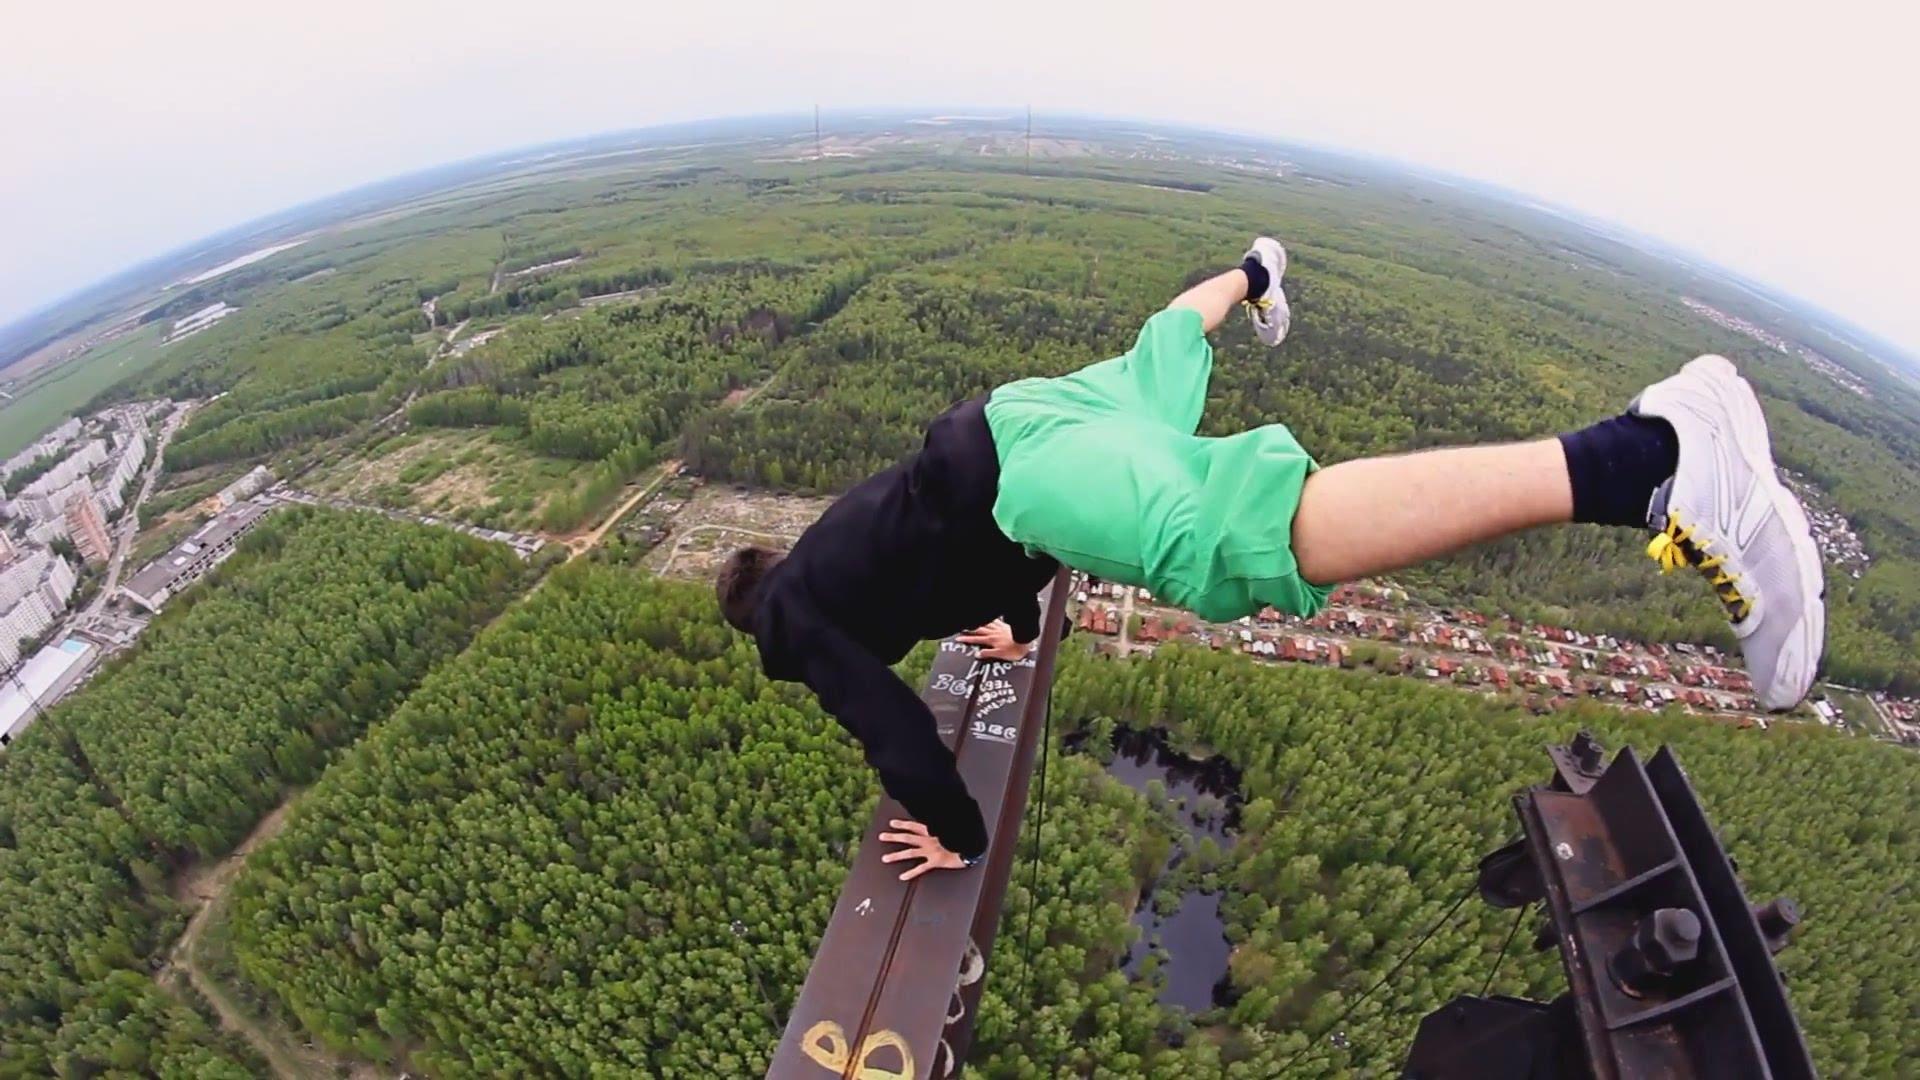 正気の沙汰とは思えない、高所で綱渡りなしの逆立ち動画